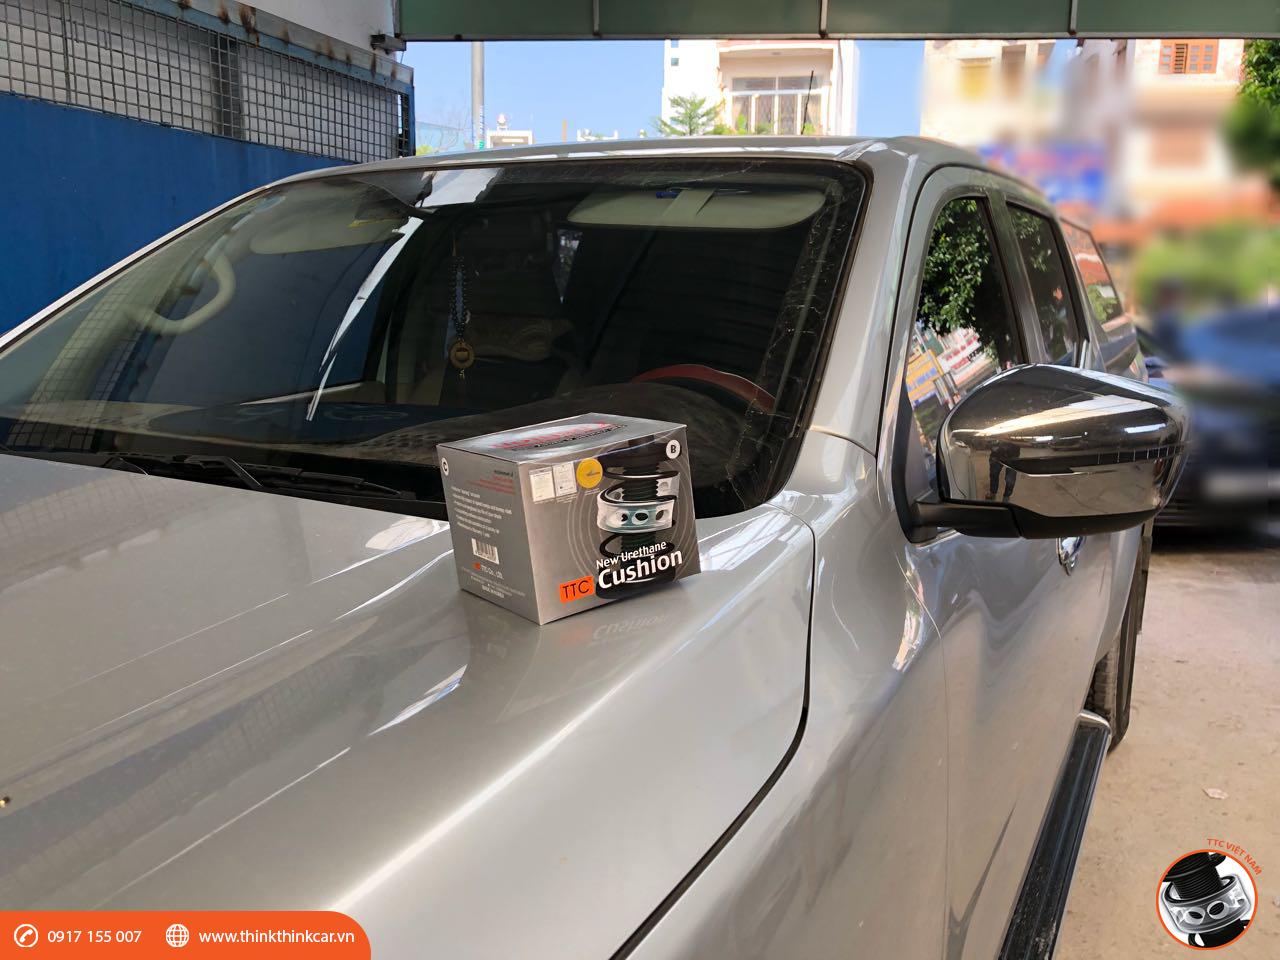 Nissan Navara NP300 lắp đặt đệm giảm chấn TTC 4